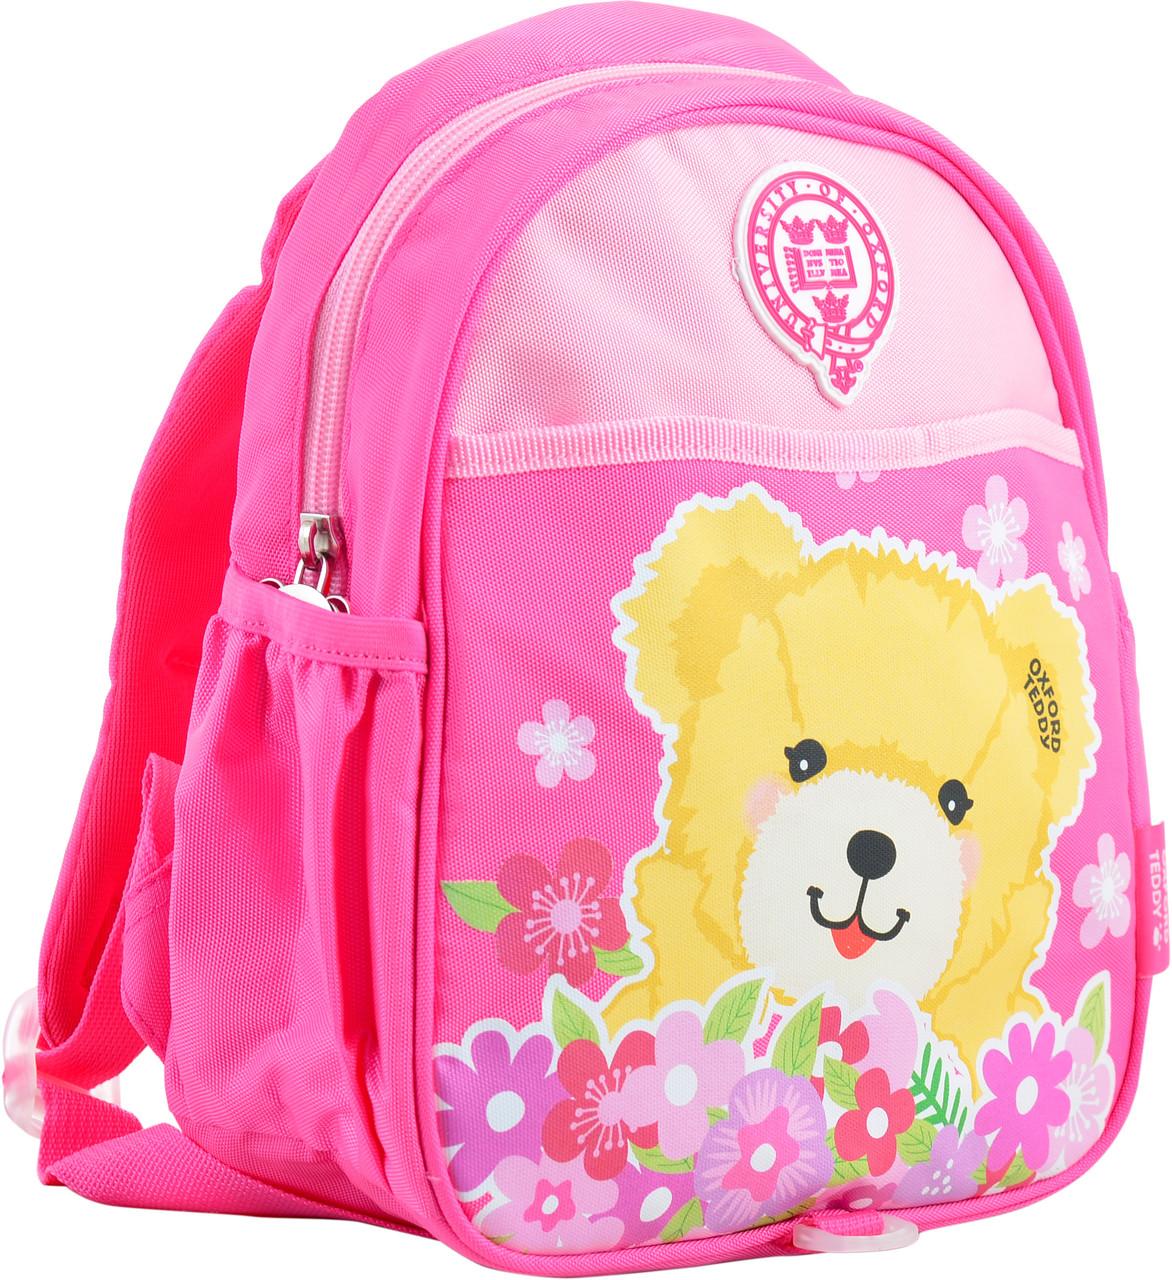 Рюкзак детский j097, 27*21*10.5, розовый